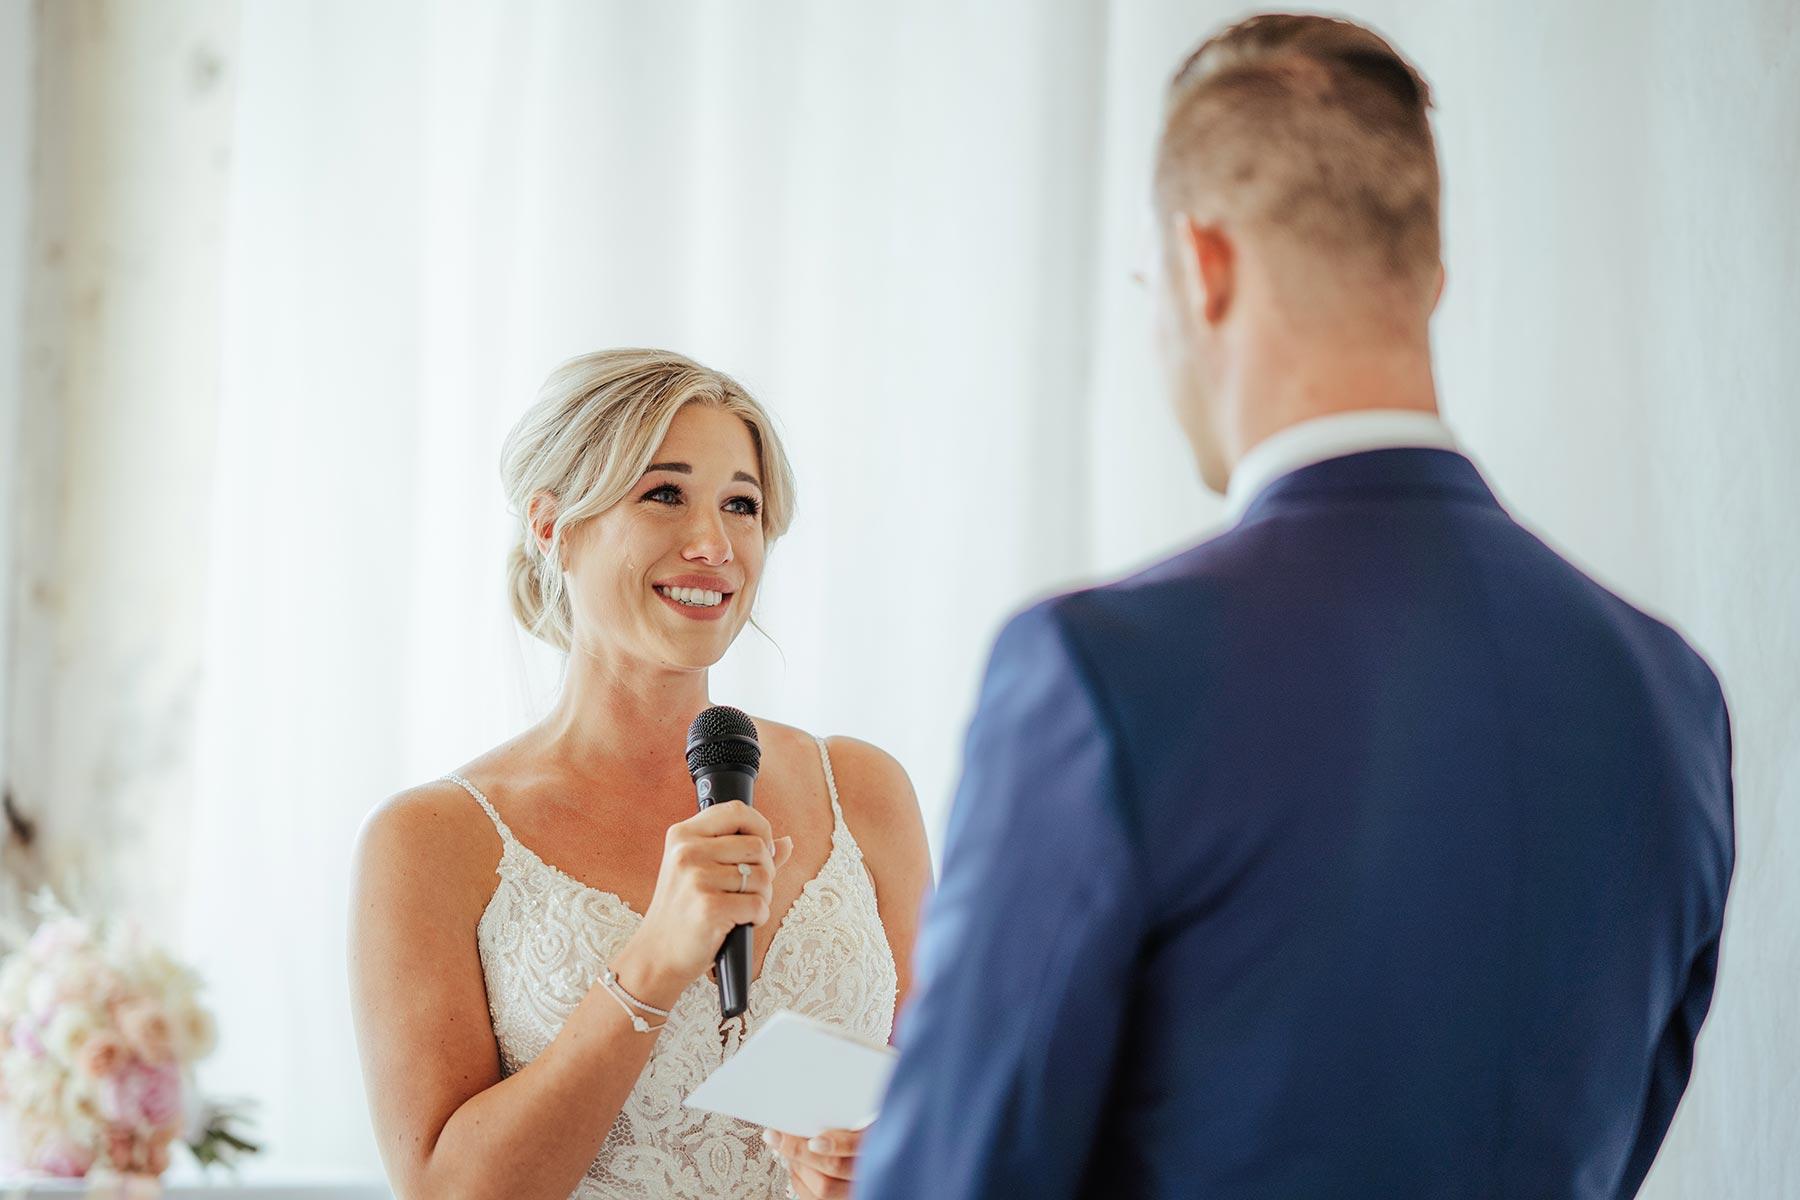 Als Brautpaar gegenseitig Ehegelübde vortragen